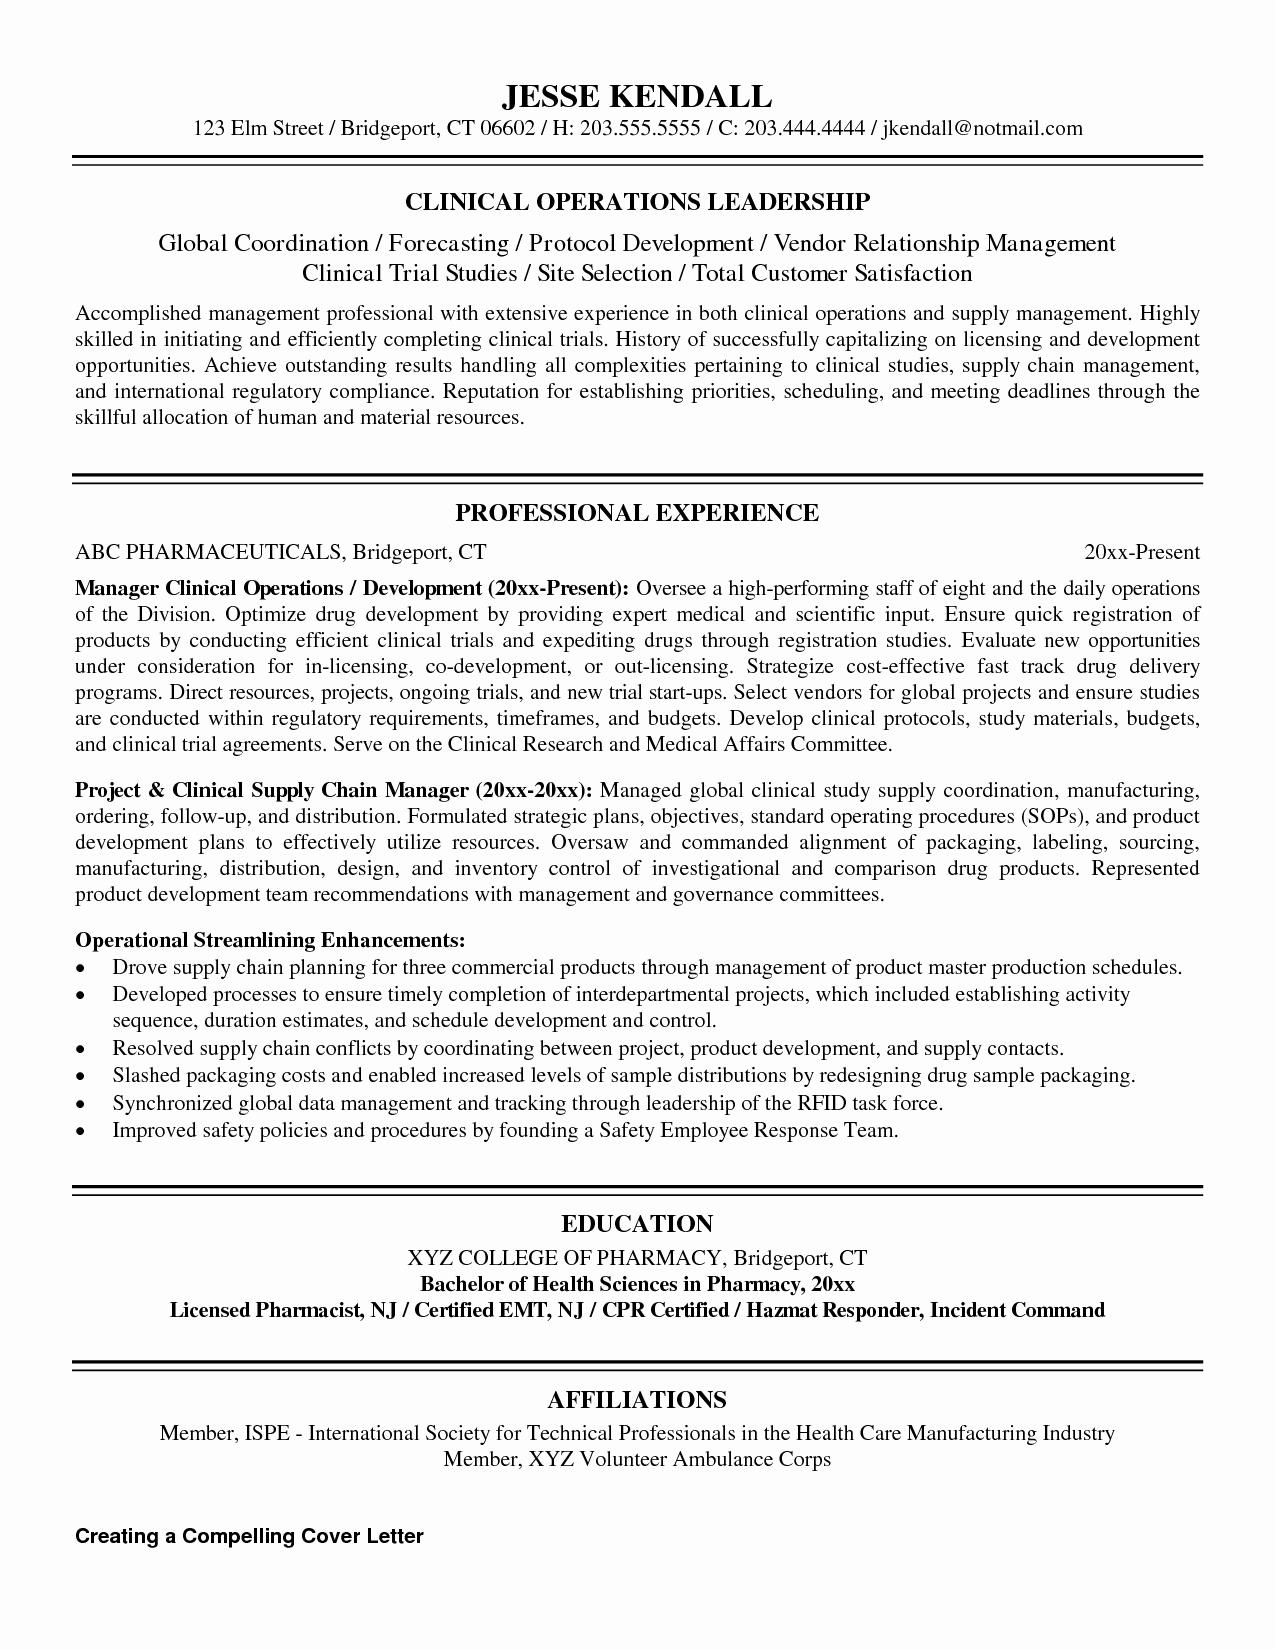 Data Center Manager Resume Resume Data Manager Resume